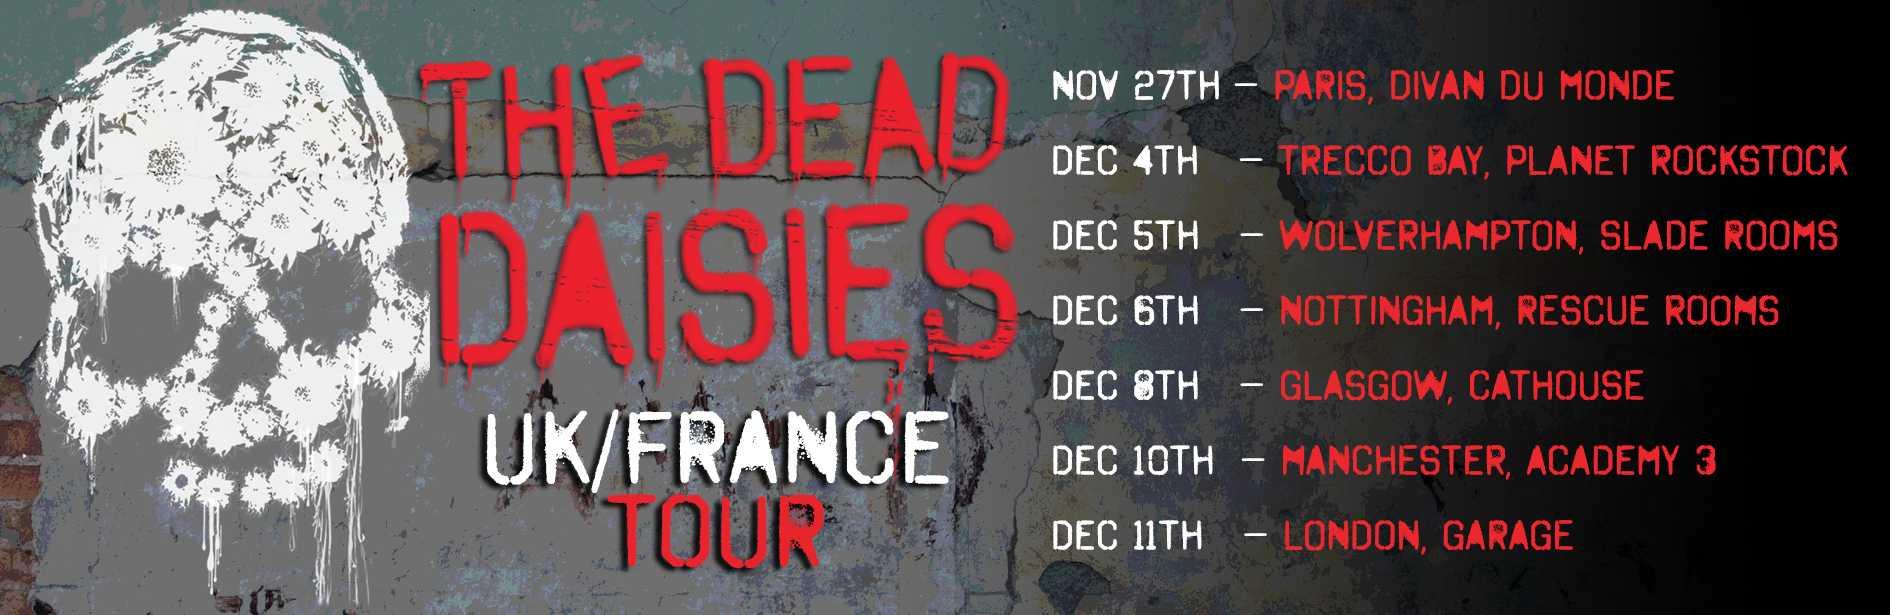 TDD-uk-france-tour-banner